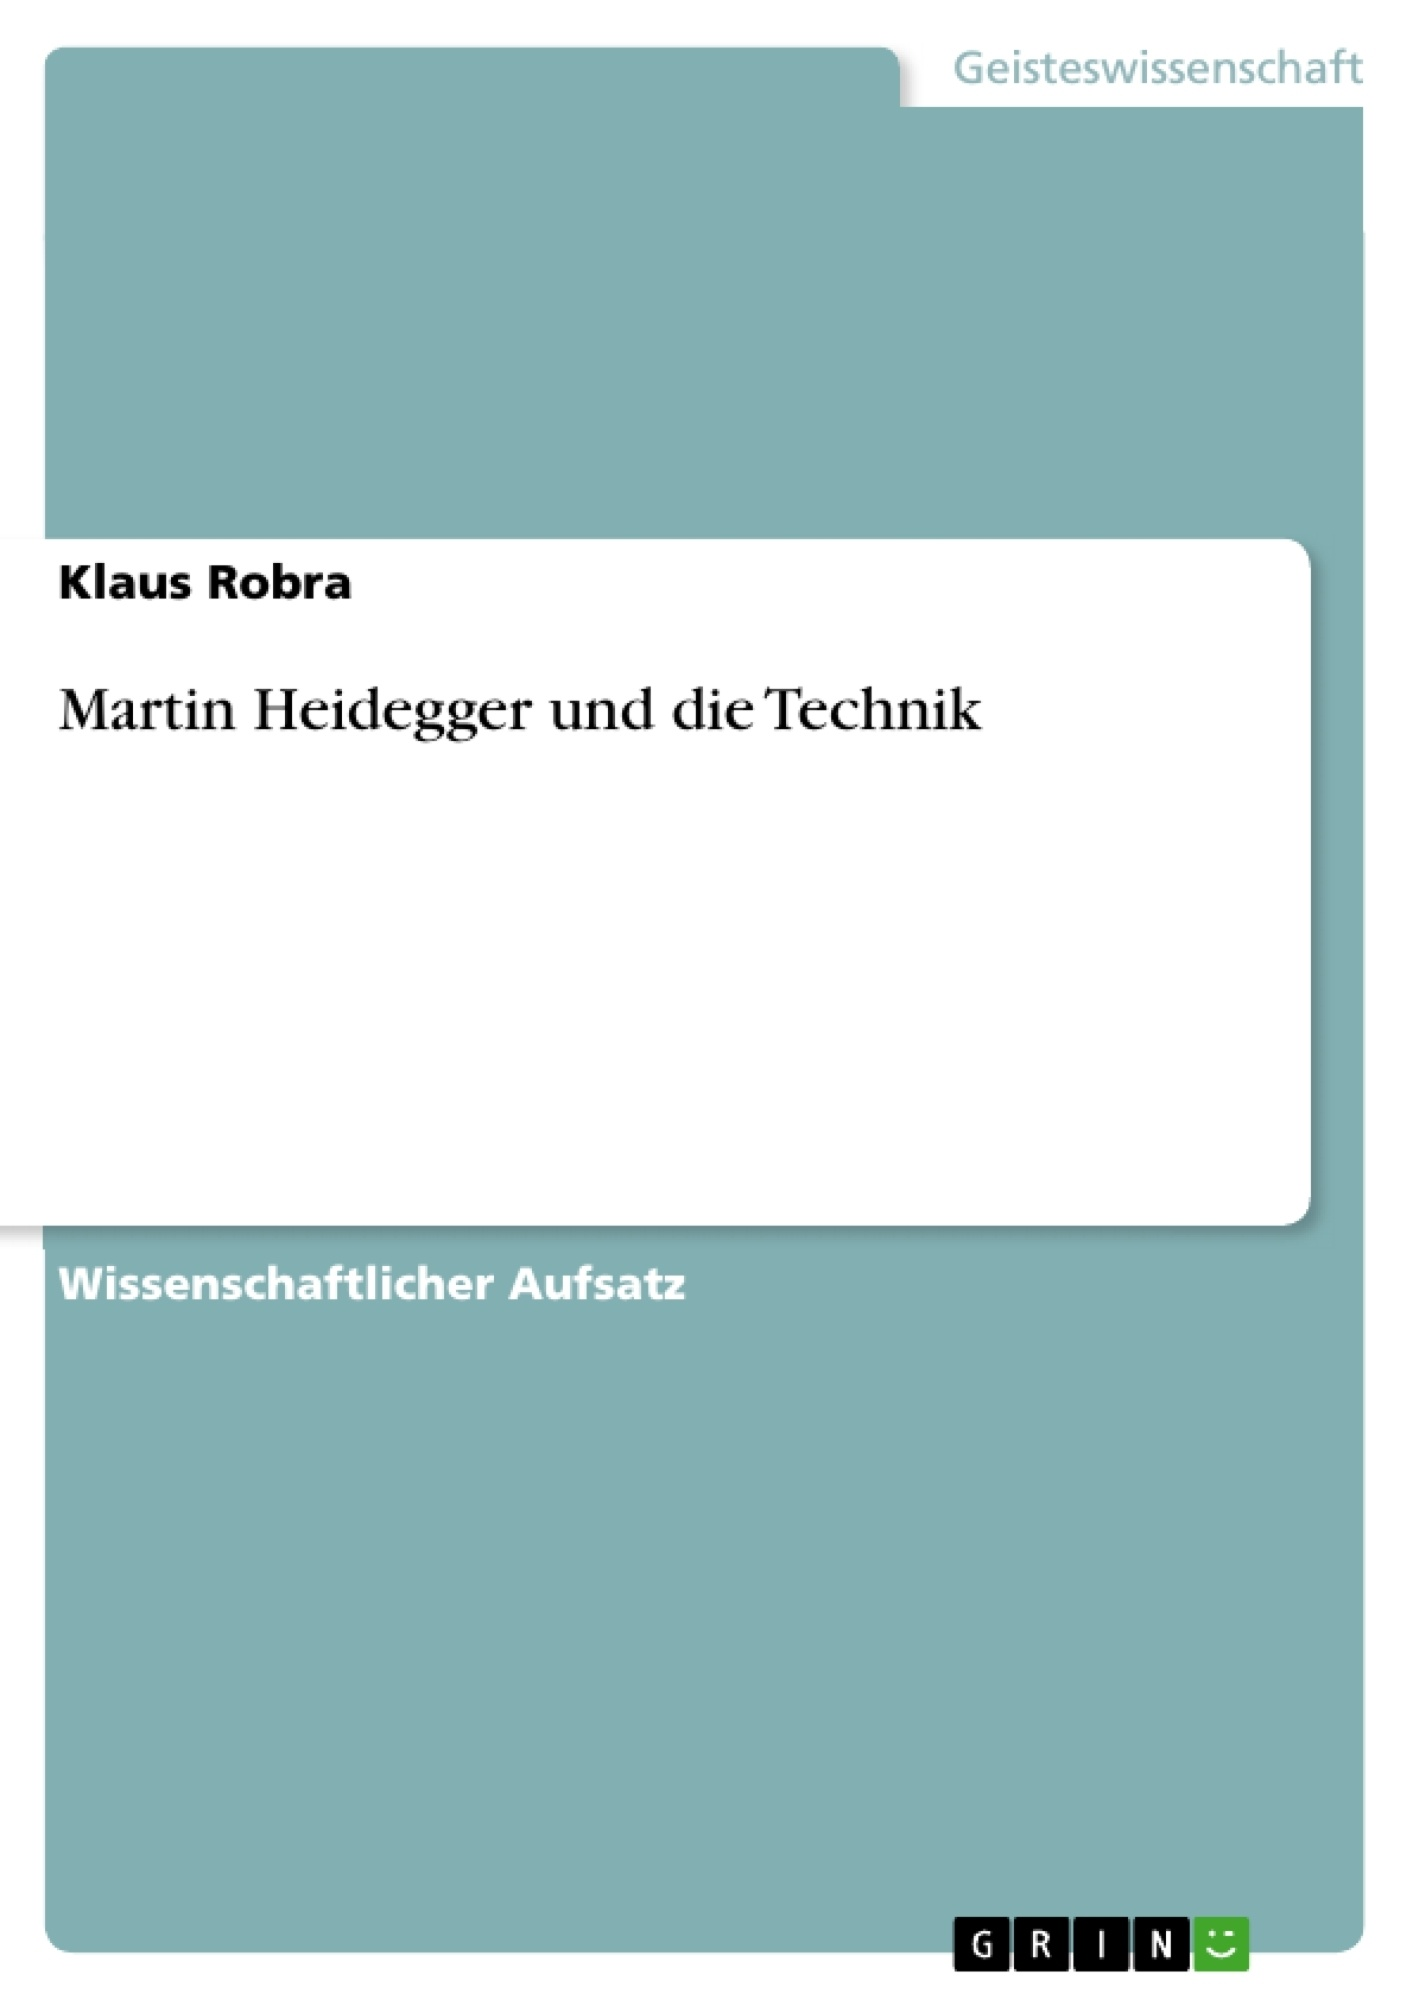 Titel: Martin Heidegger und die Technik